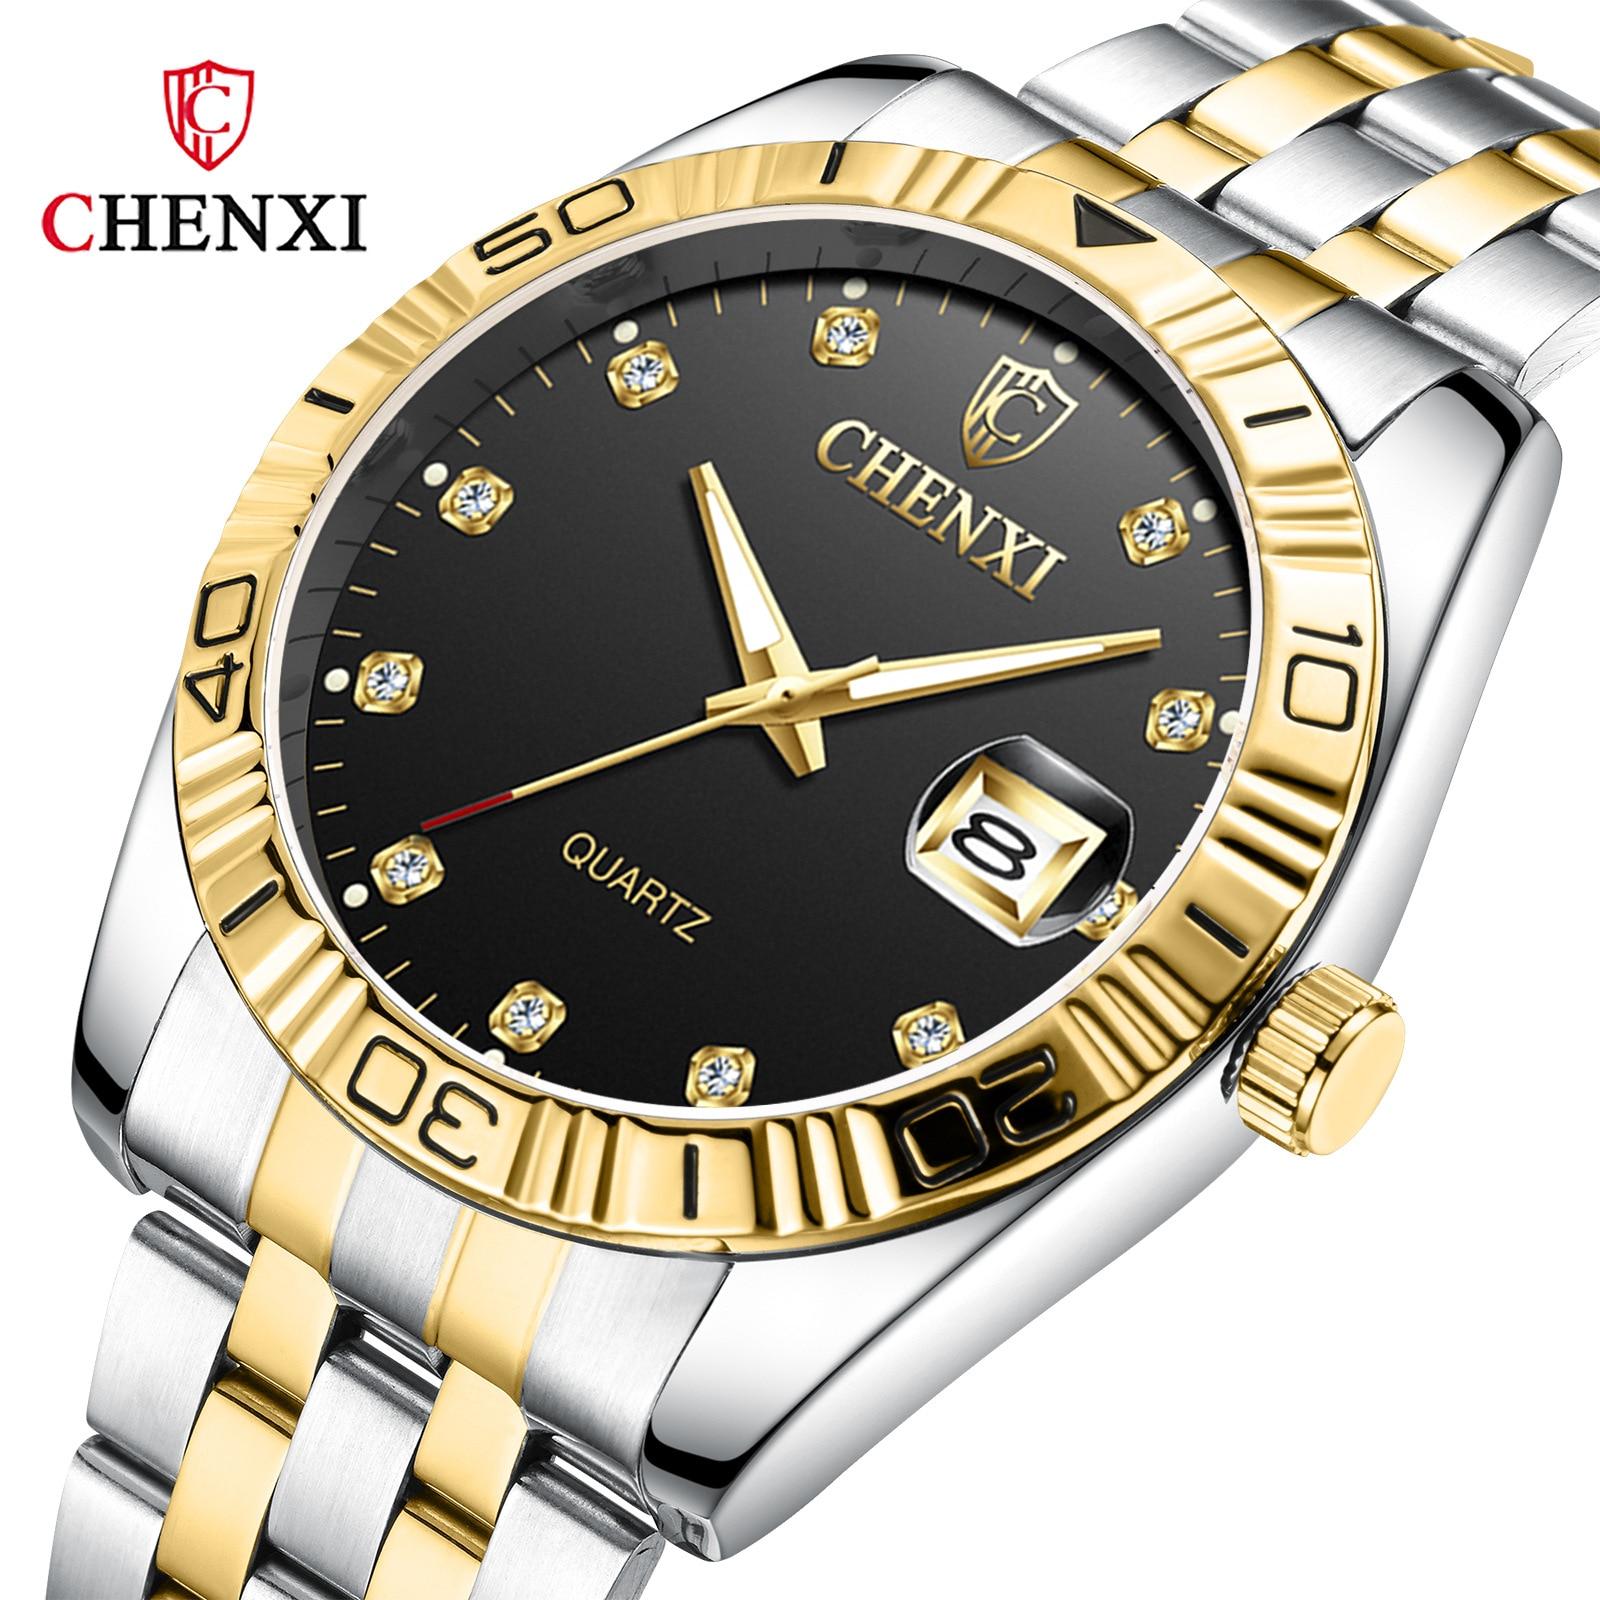 Marca de Topo Nova Casal Relógios Ouro Completa Aço Inoxidável Luxo Relógio Quartzo Masculino Senhoras Pulso 2020